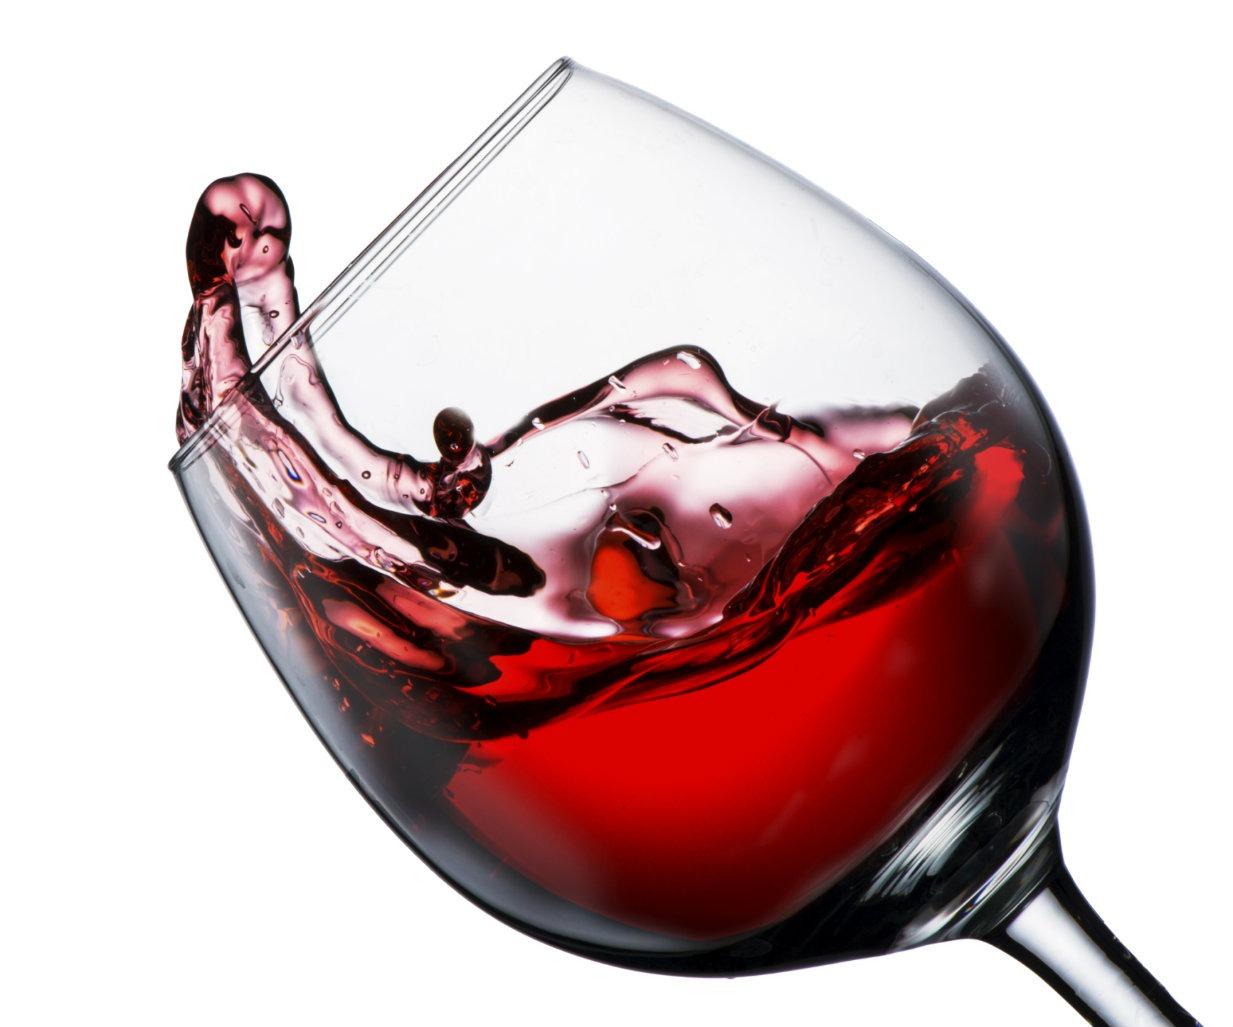 Rencontrer un viticulteur et investir dans le vin